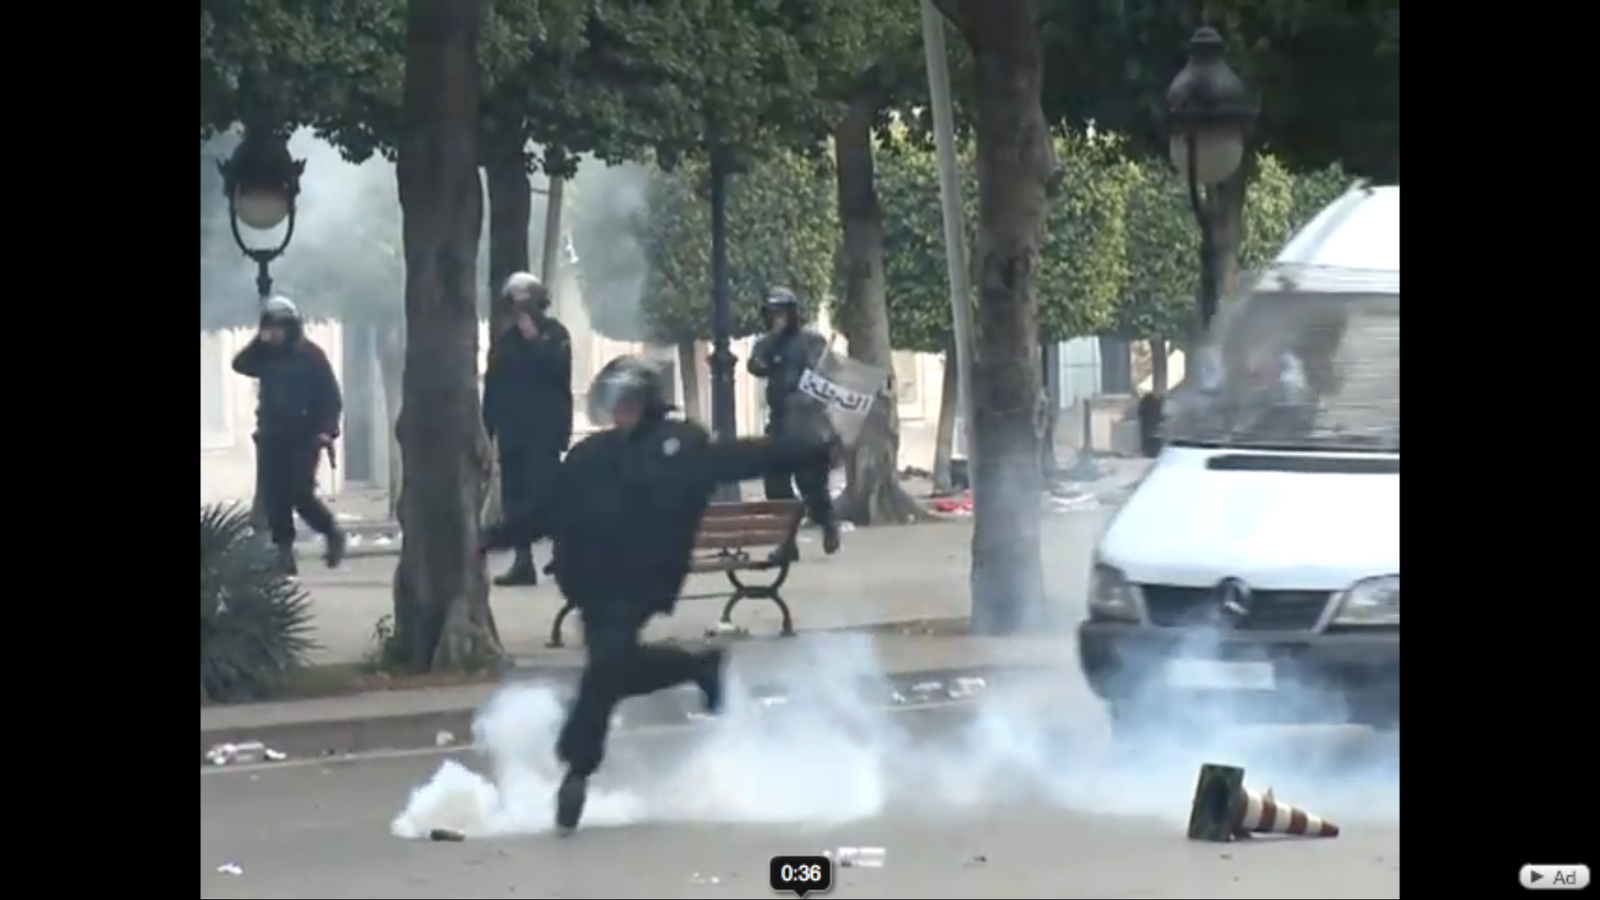 Protestes al carrer a Tunis, reprimides per la policia